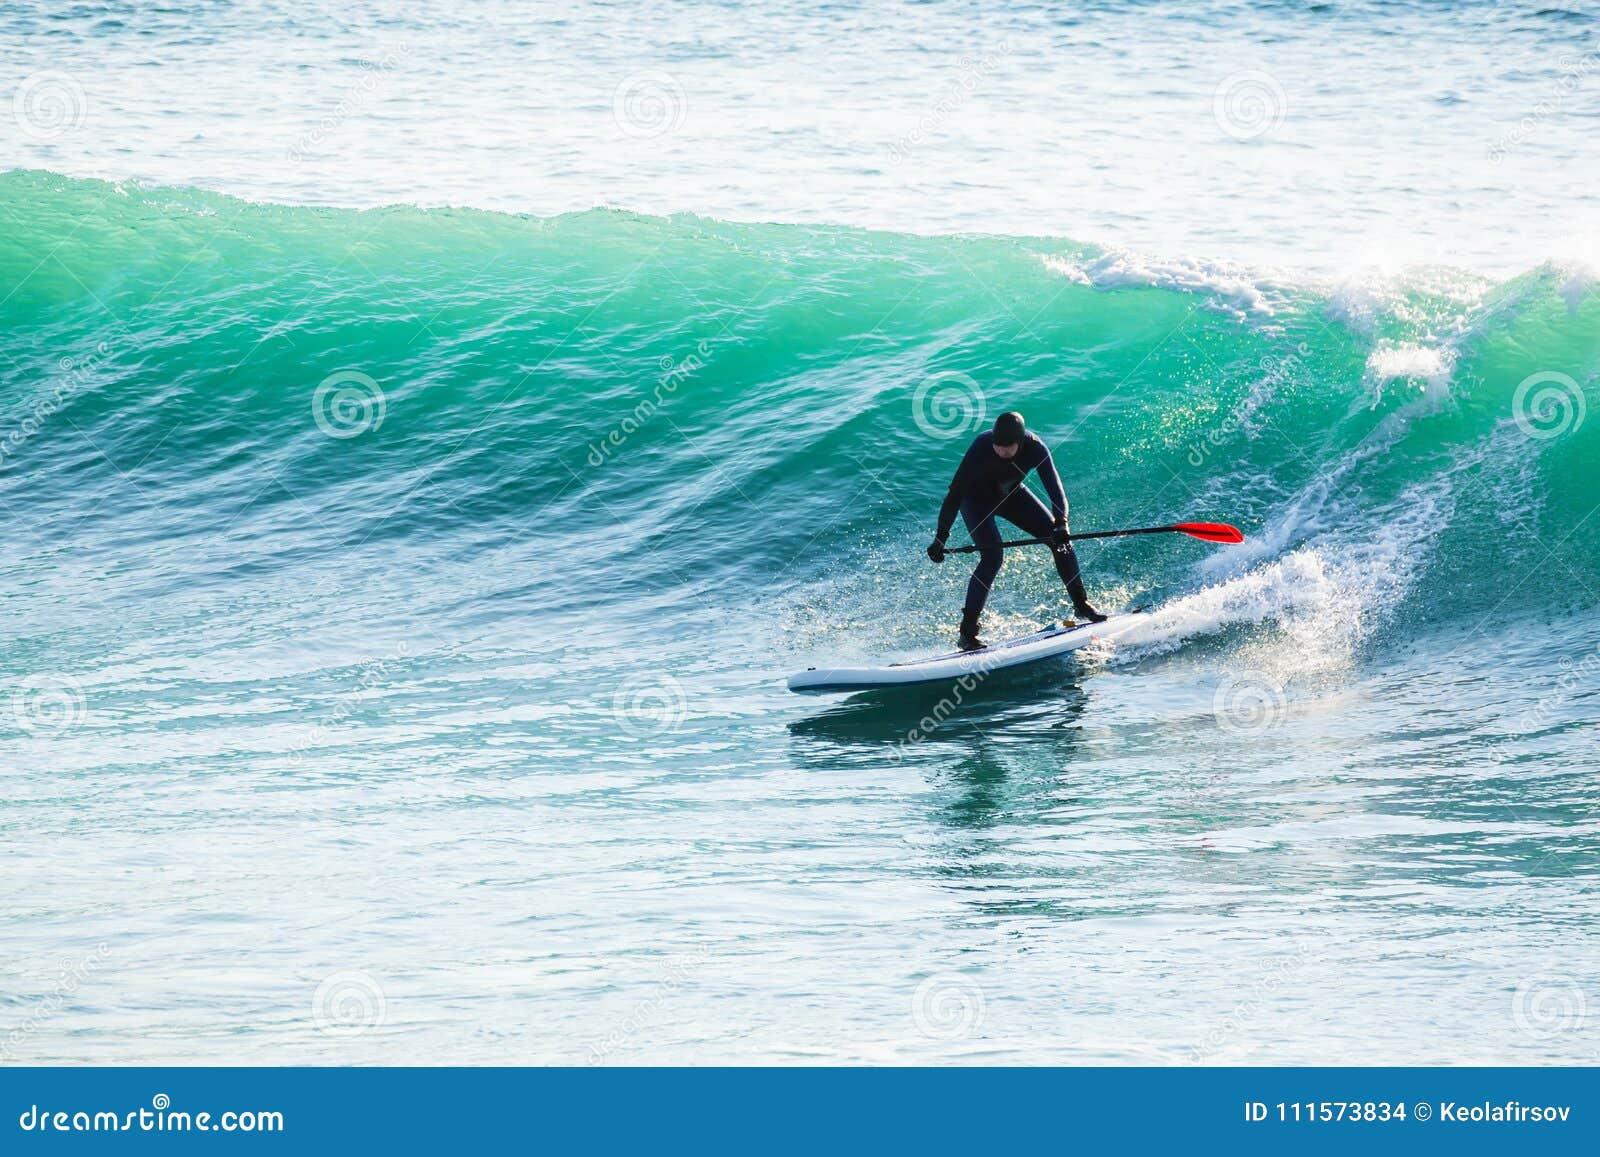 Езда серфера дальше стоит вверх доска затвора на океанских волнах Стойте вверх восхождение на борт затвора в море